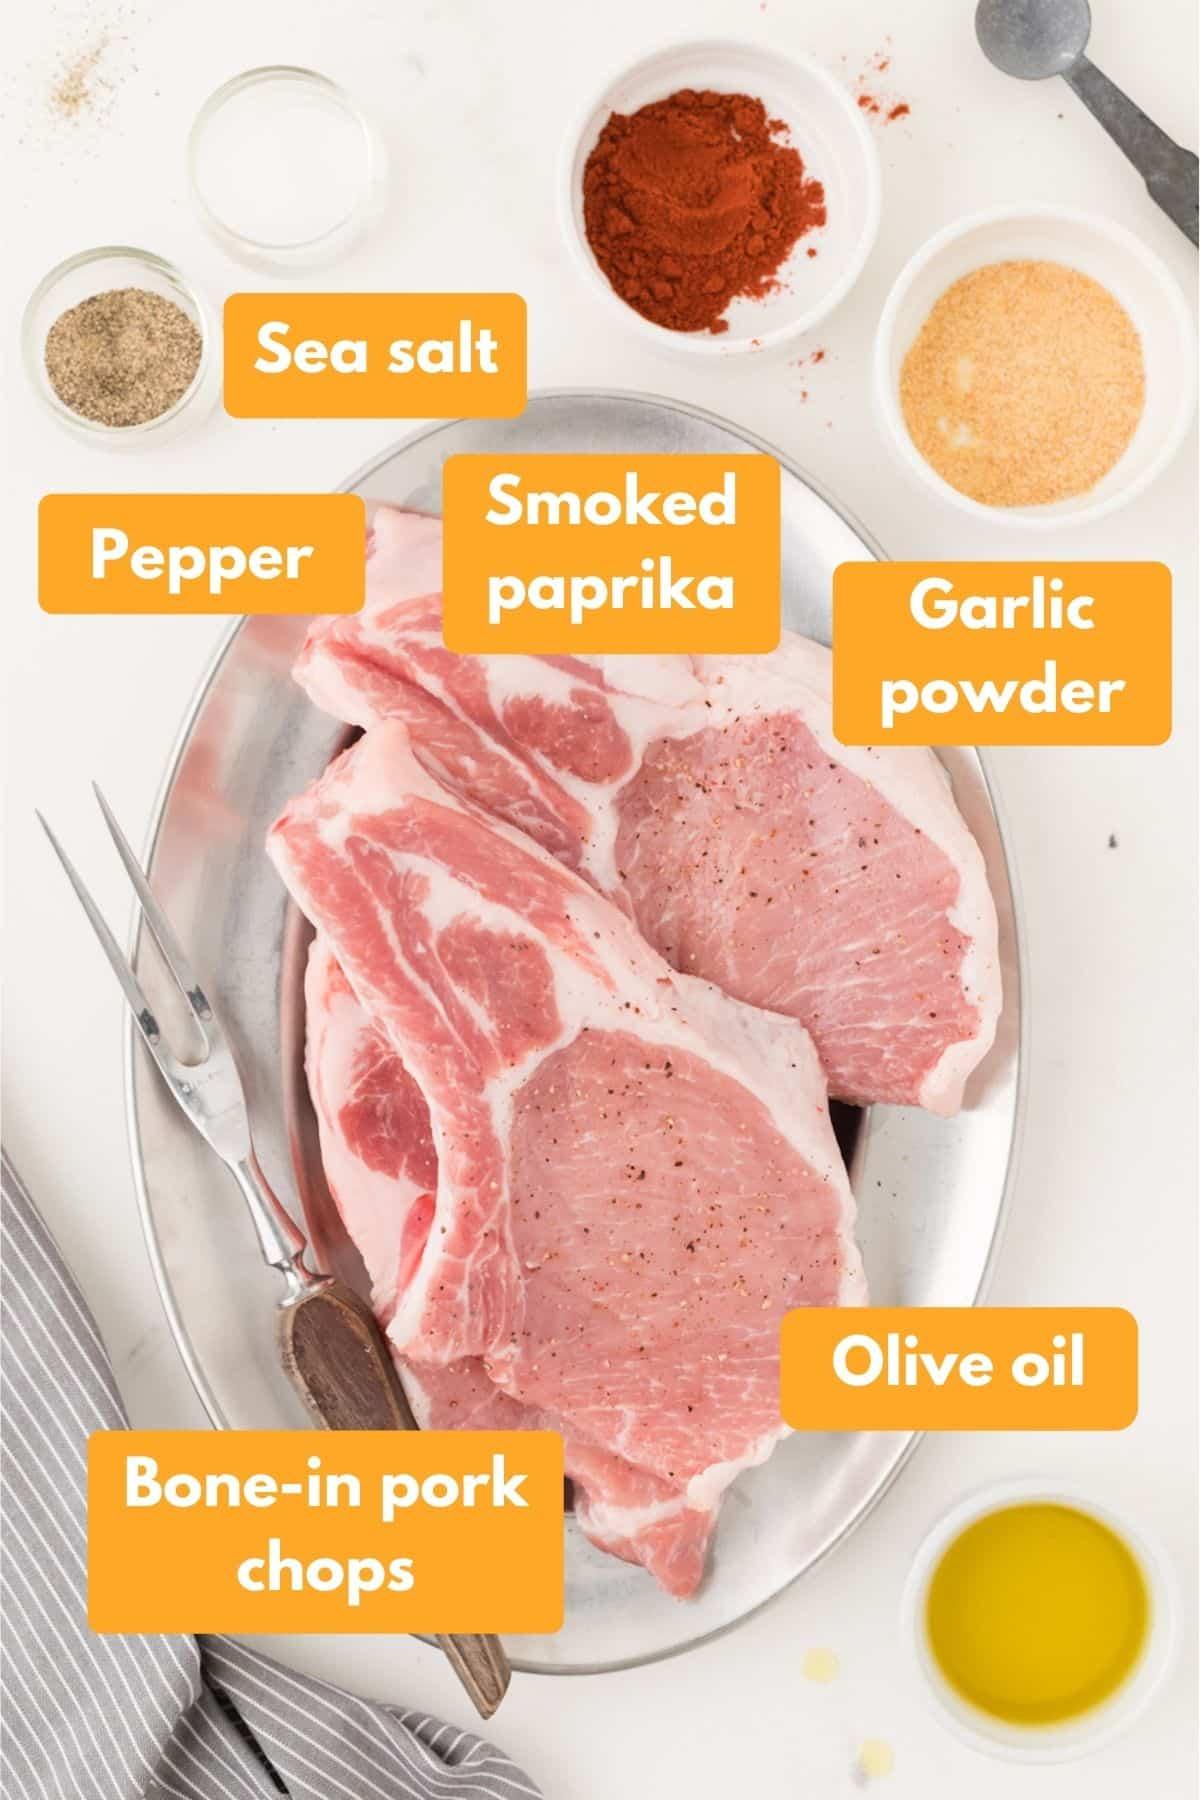 Air fryer pork chop ingredients